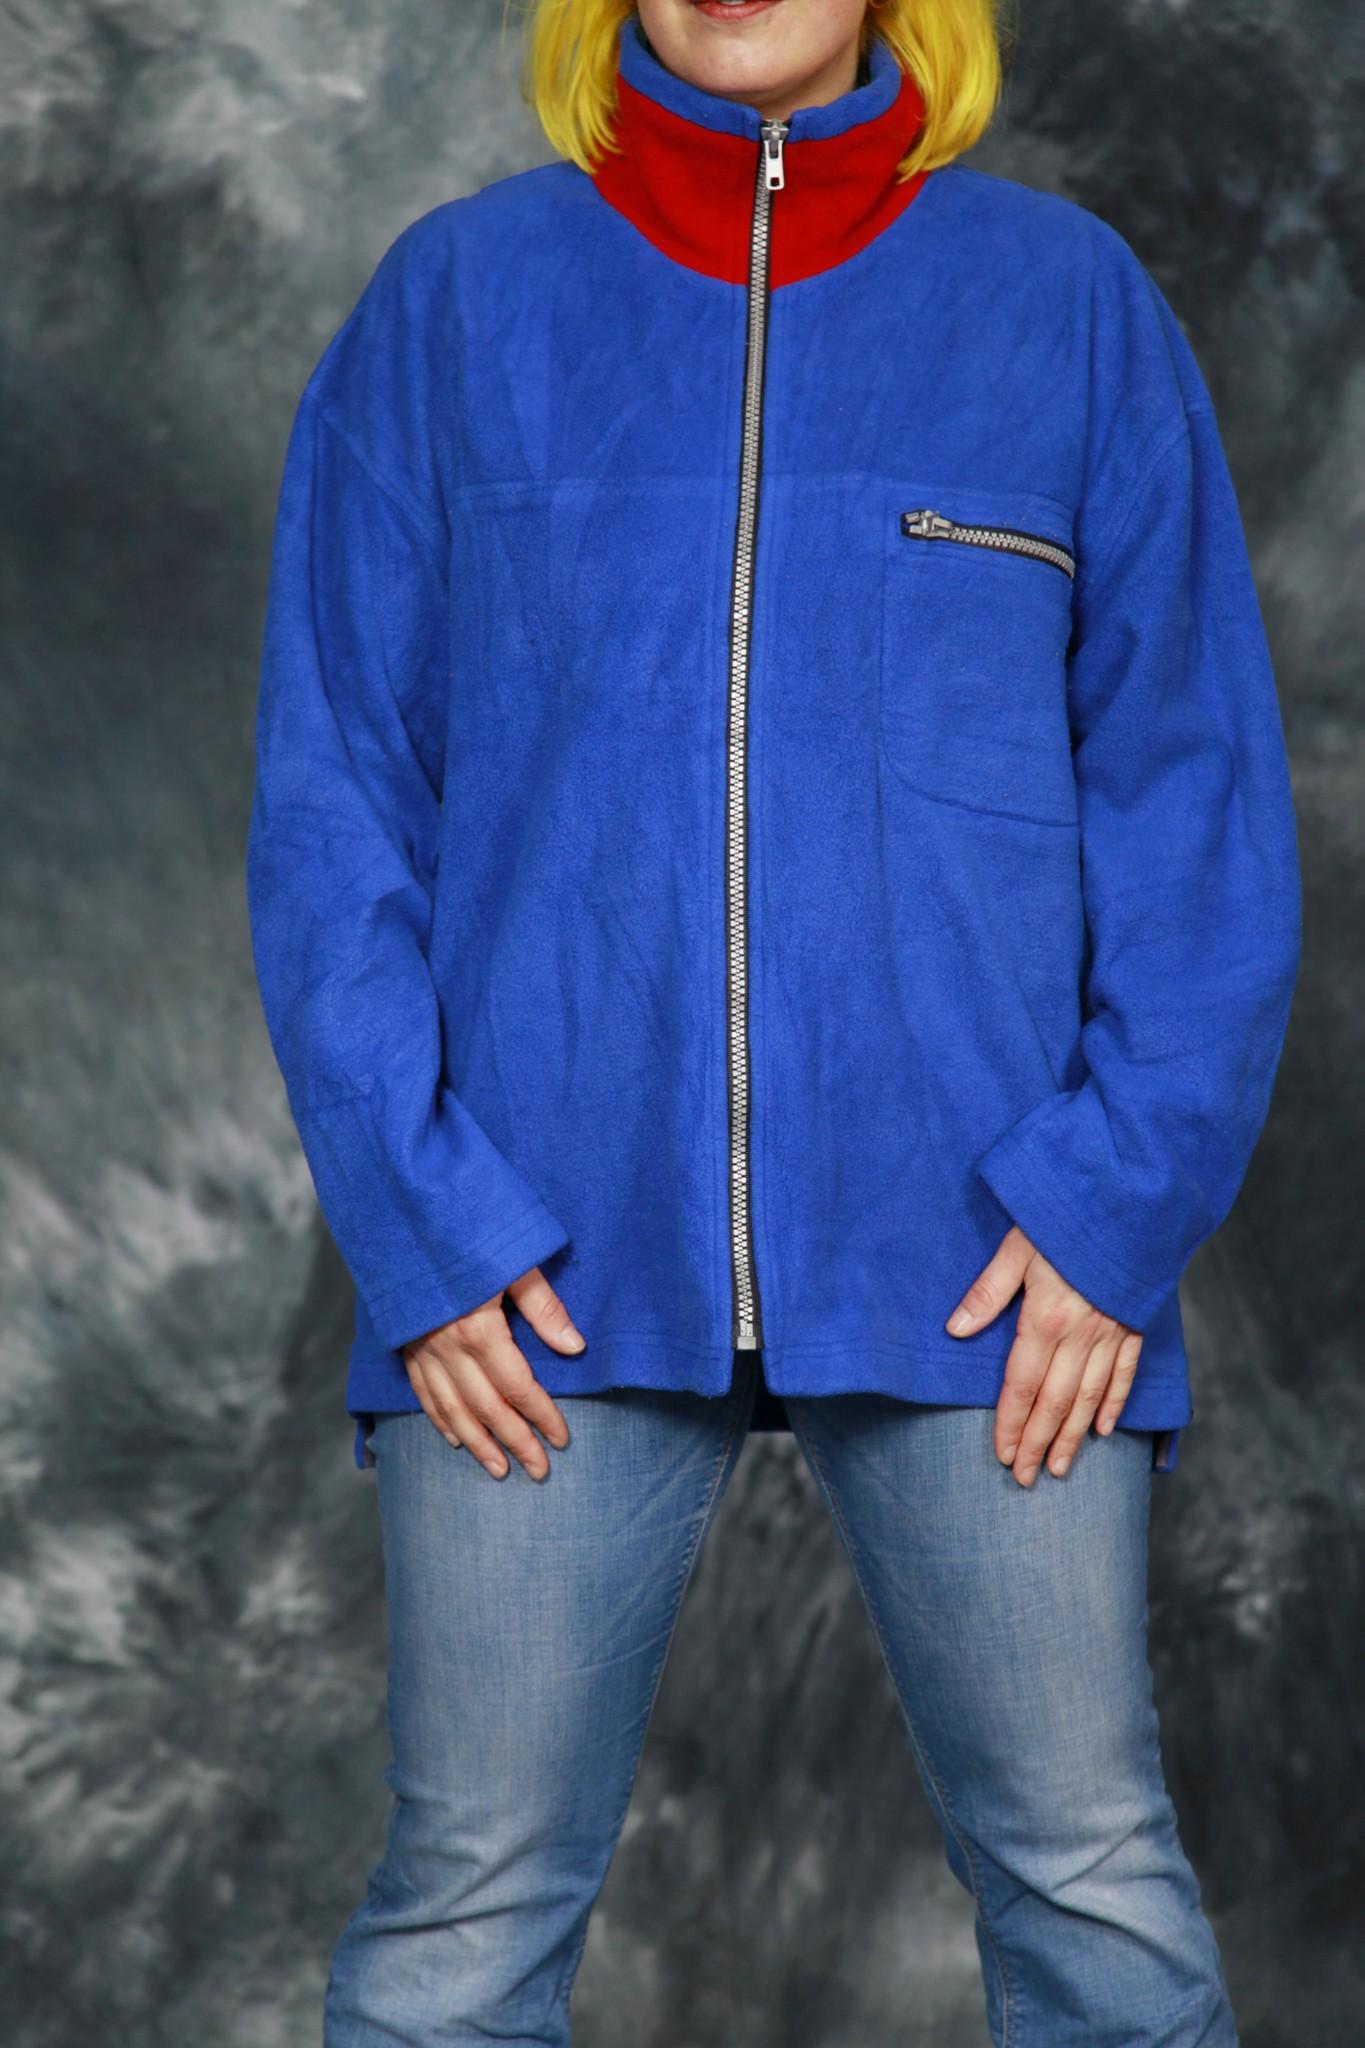 Cool 80s fleece jacket